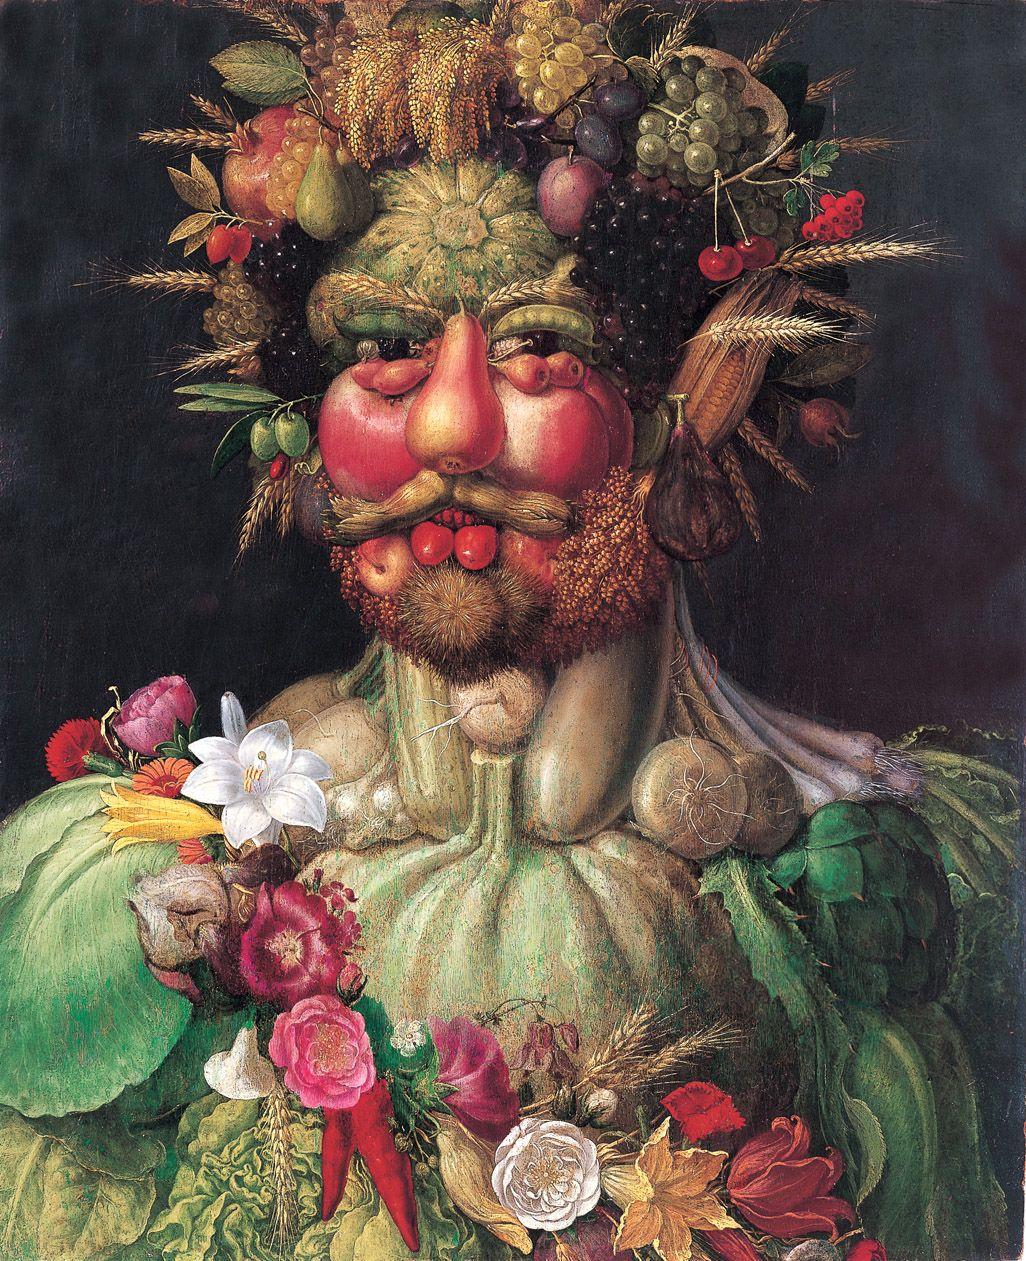 dichten, ganz praktisch allegorie unternehmen lyrik portraet rudolf II. als vertumnus gemaelde arcimboldo